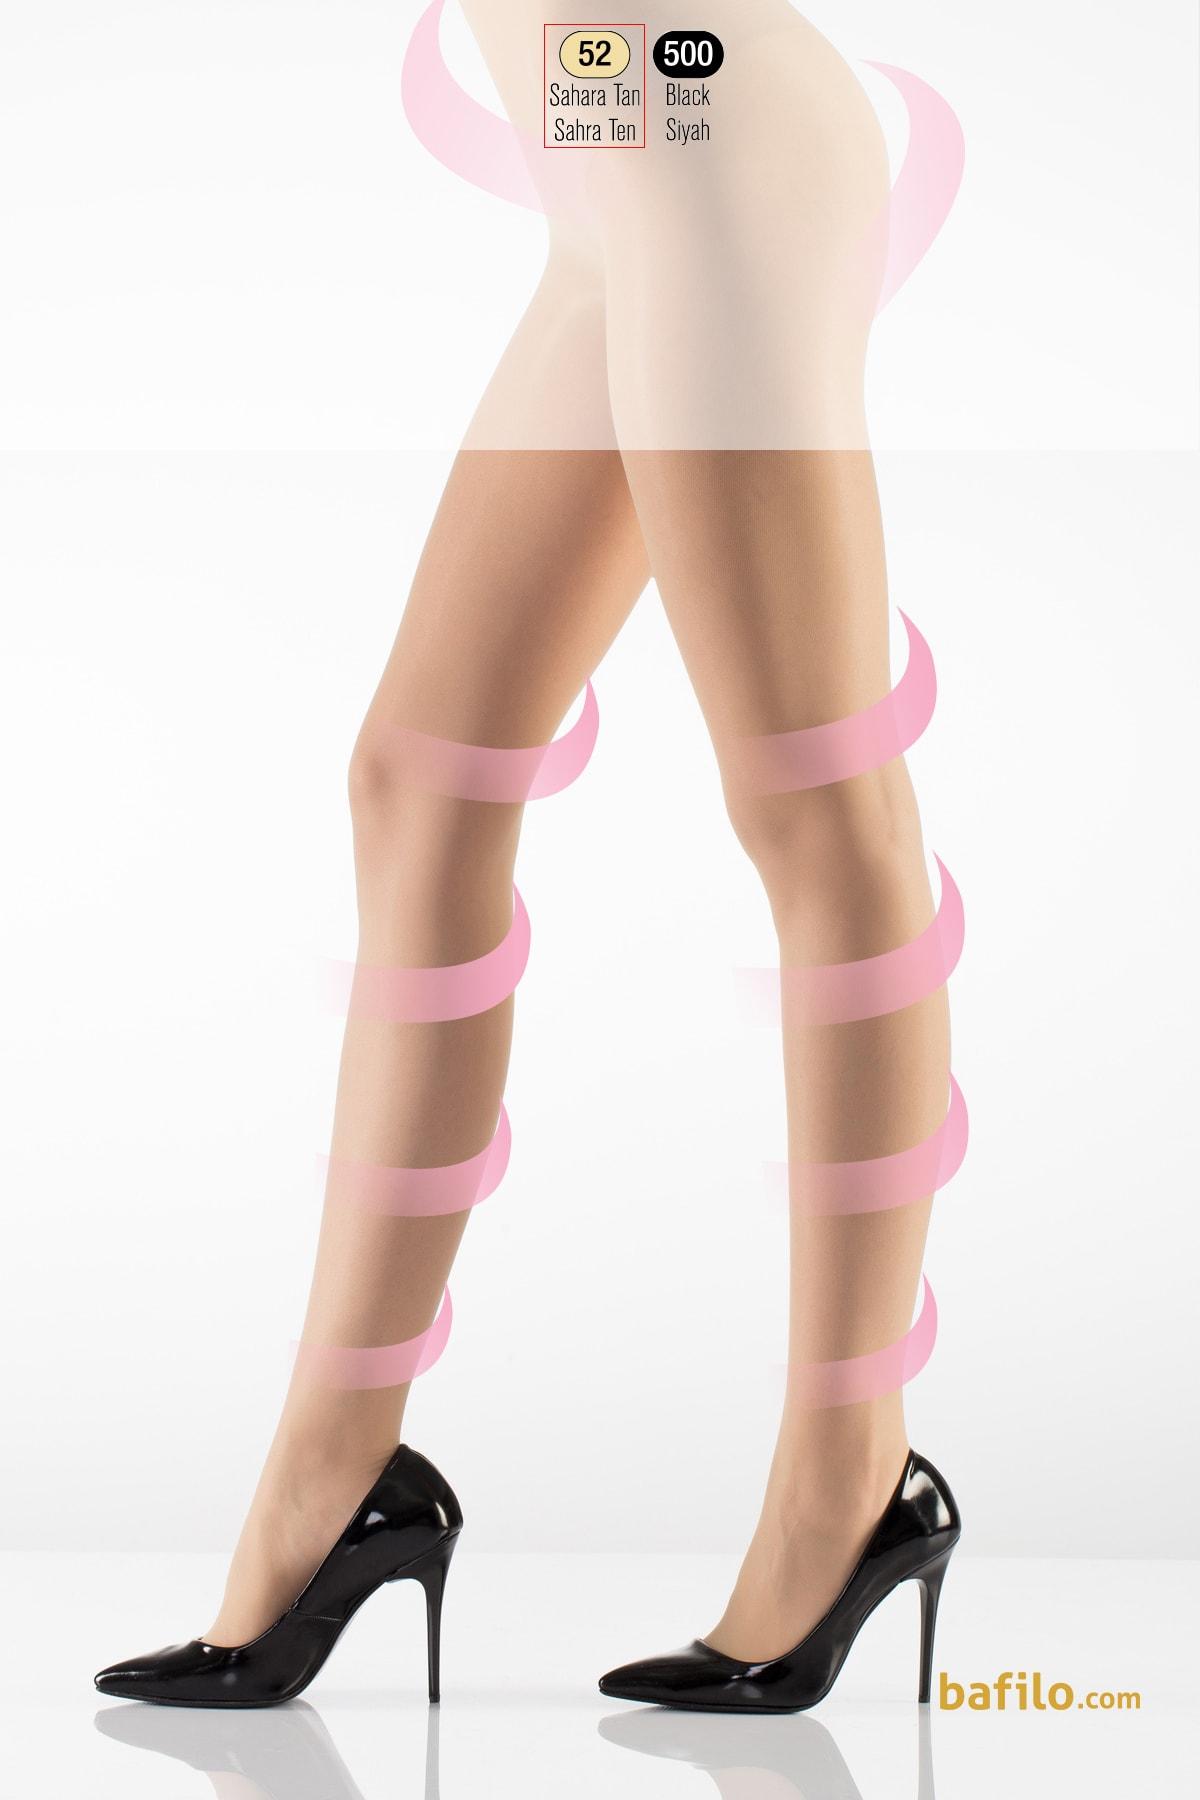 جوراب شلواری گن دار زنانه ایتالیانا Light Support - رنگ بدن صحرا